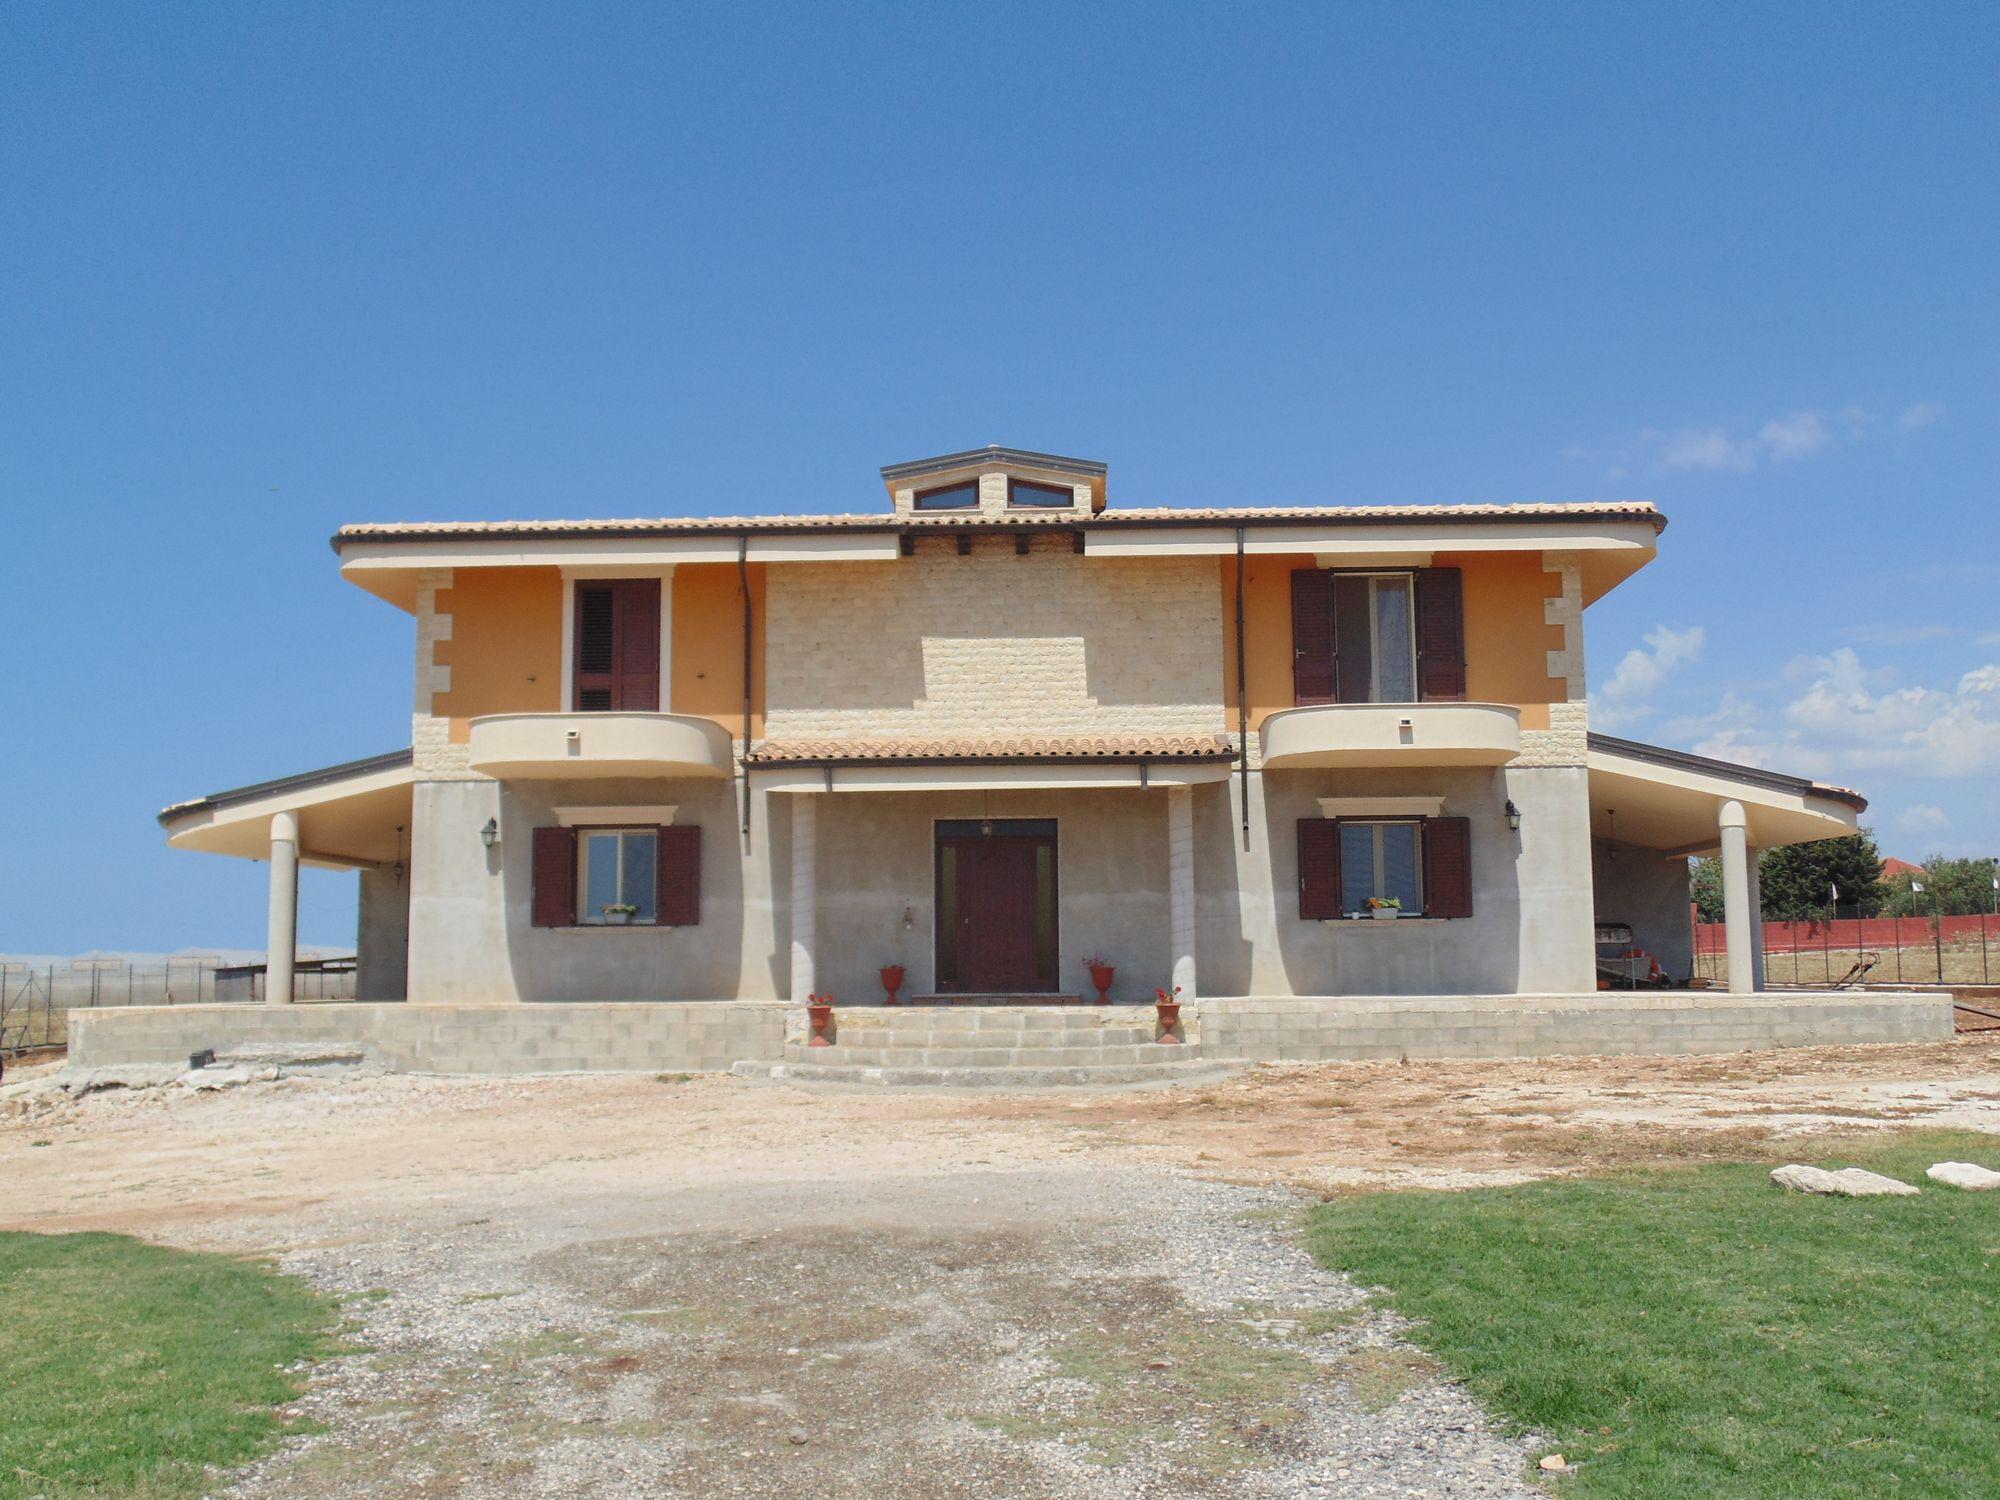 Elegante villa che gode di una vista incantevole, situata nei pressi delle meravigliose spiagge dell